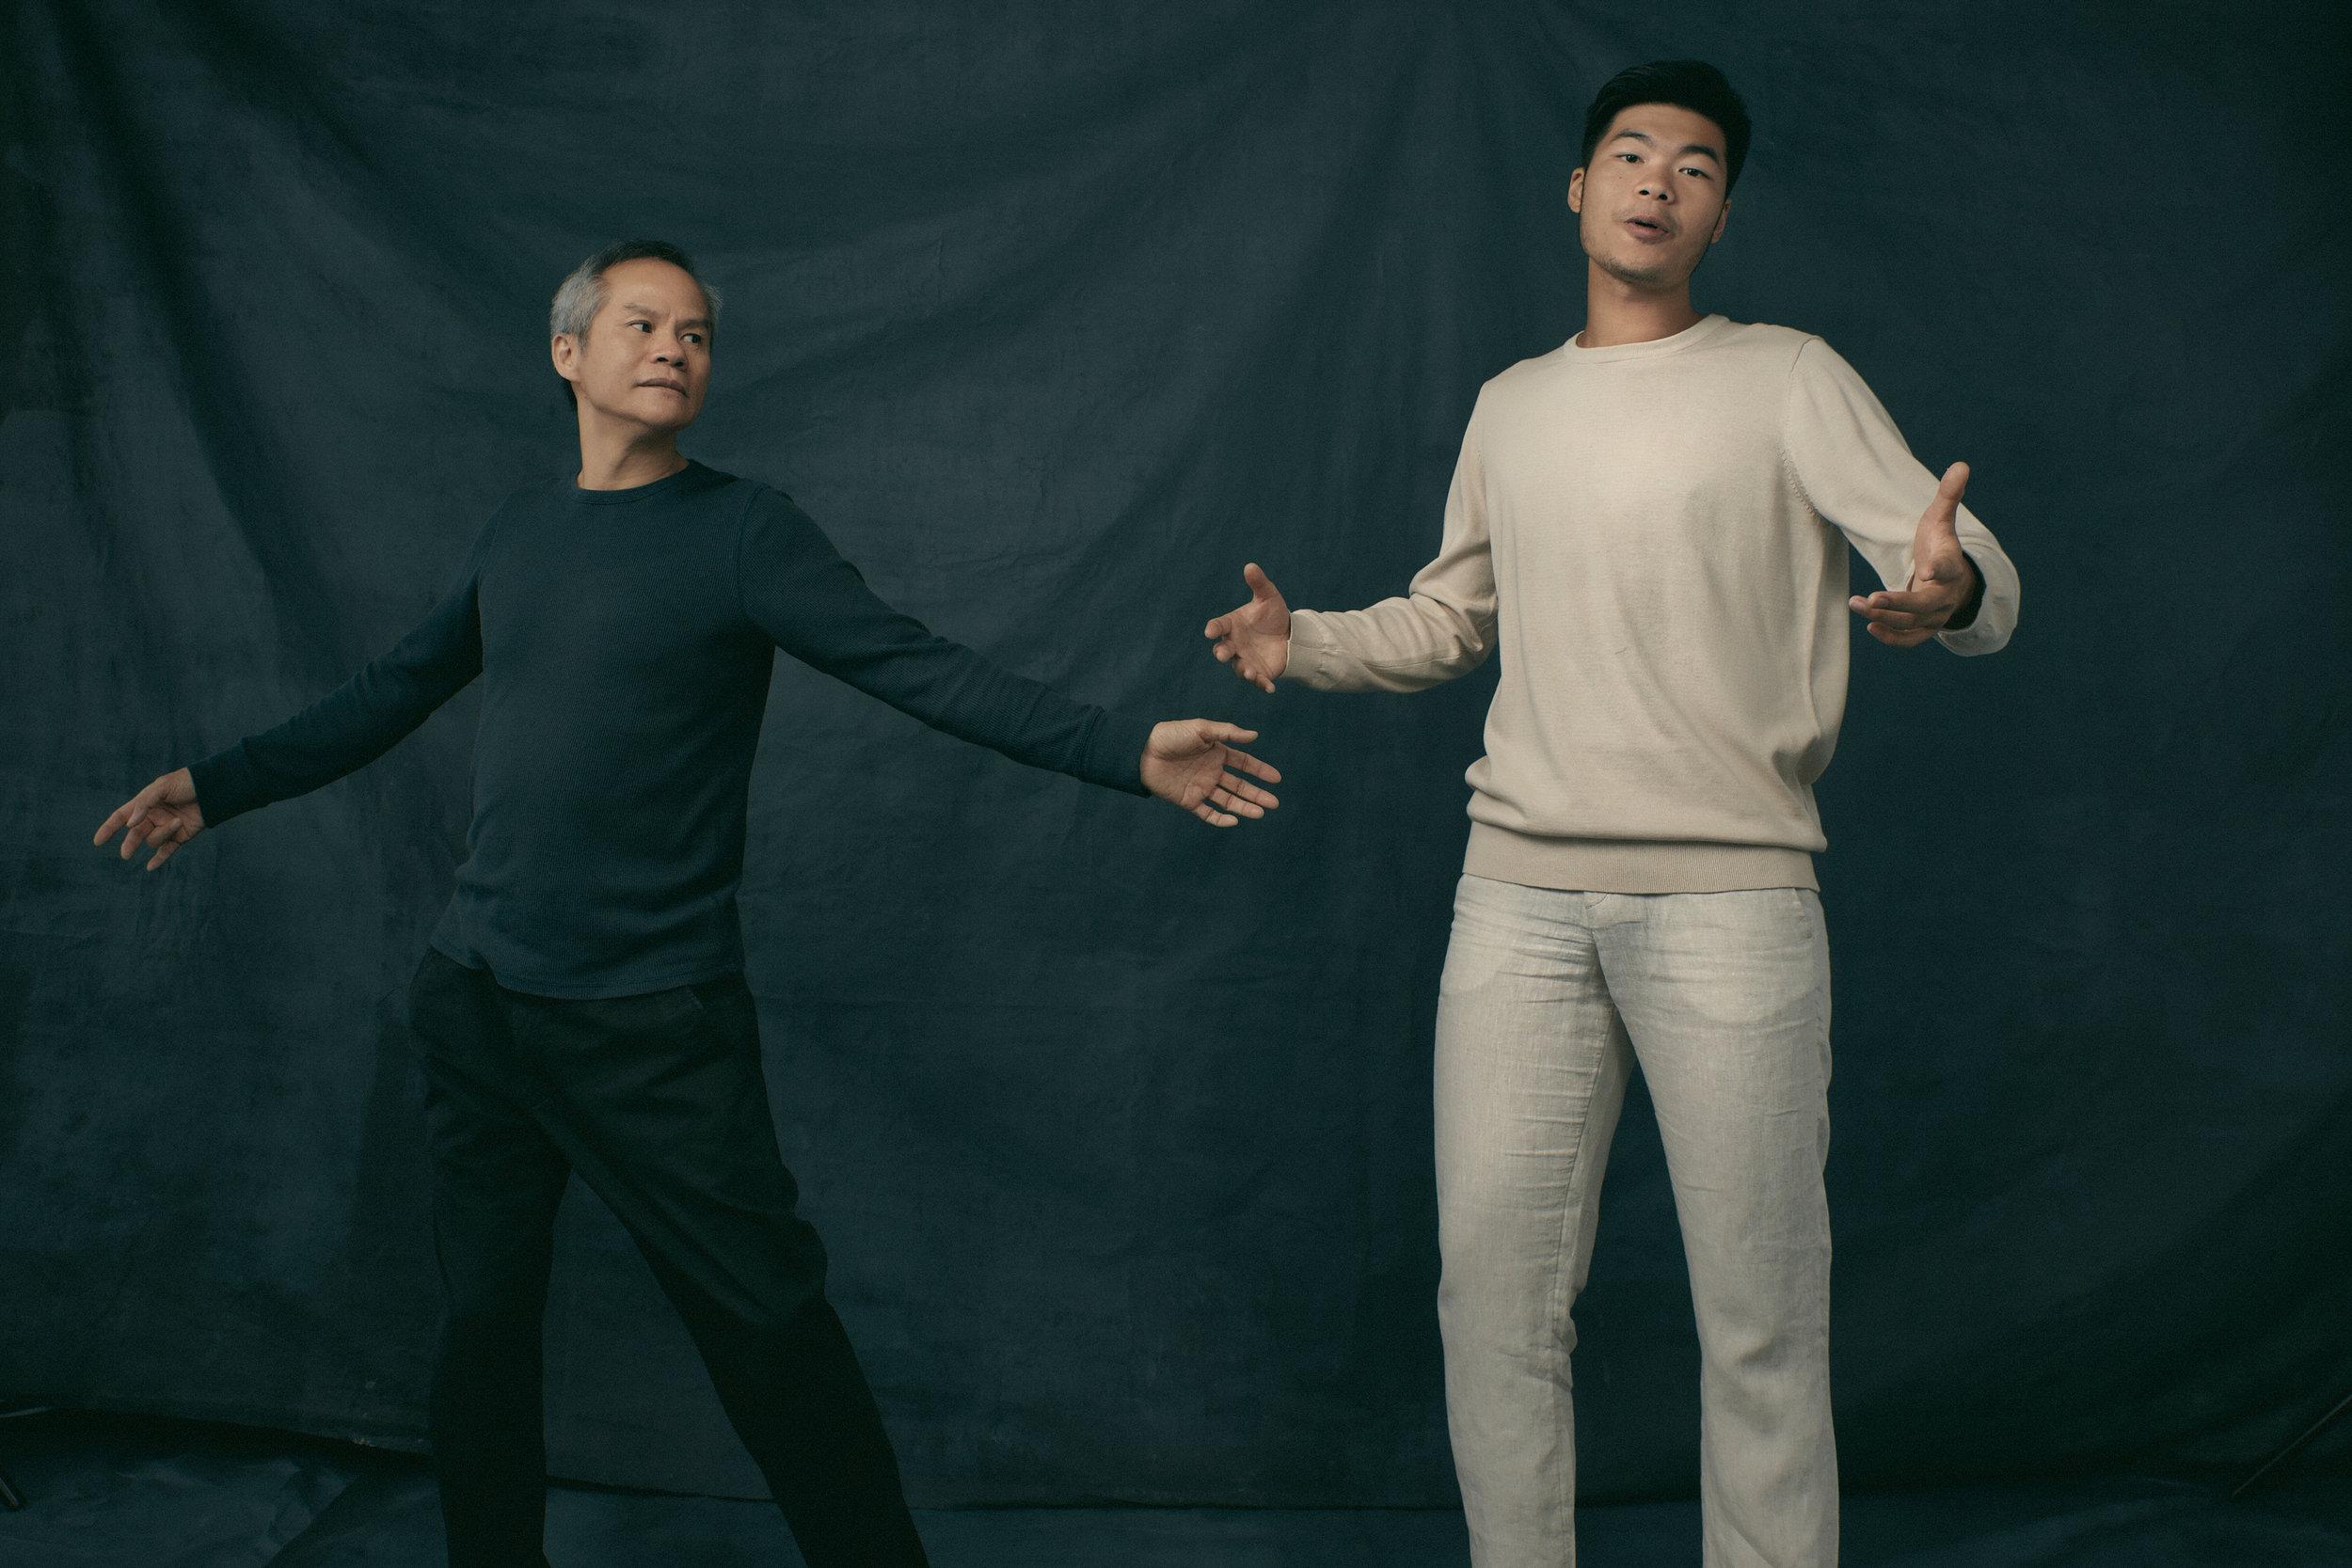 Shu-Wing Tang and Jason Wu, 9GAG HQ, 24th Nov 2018